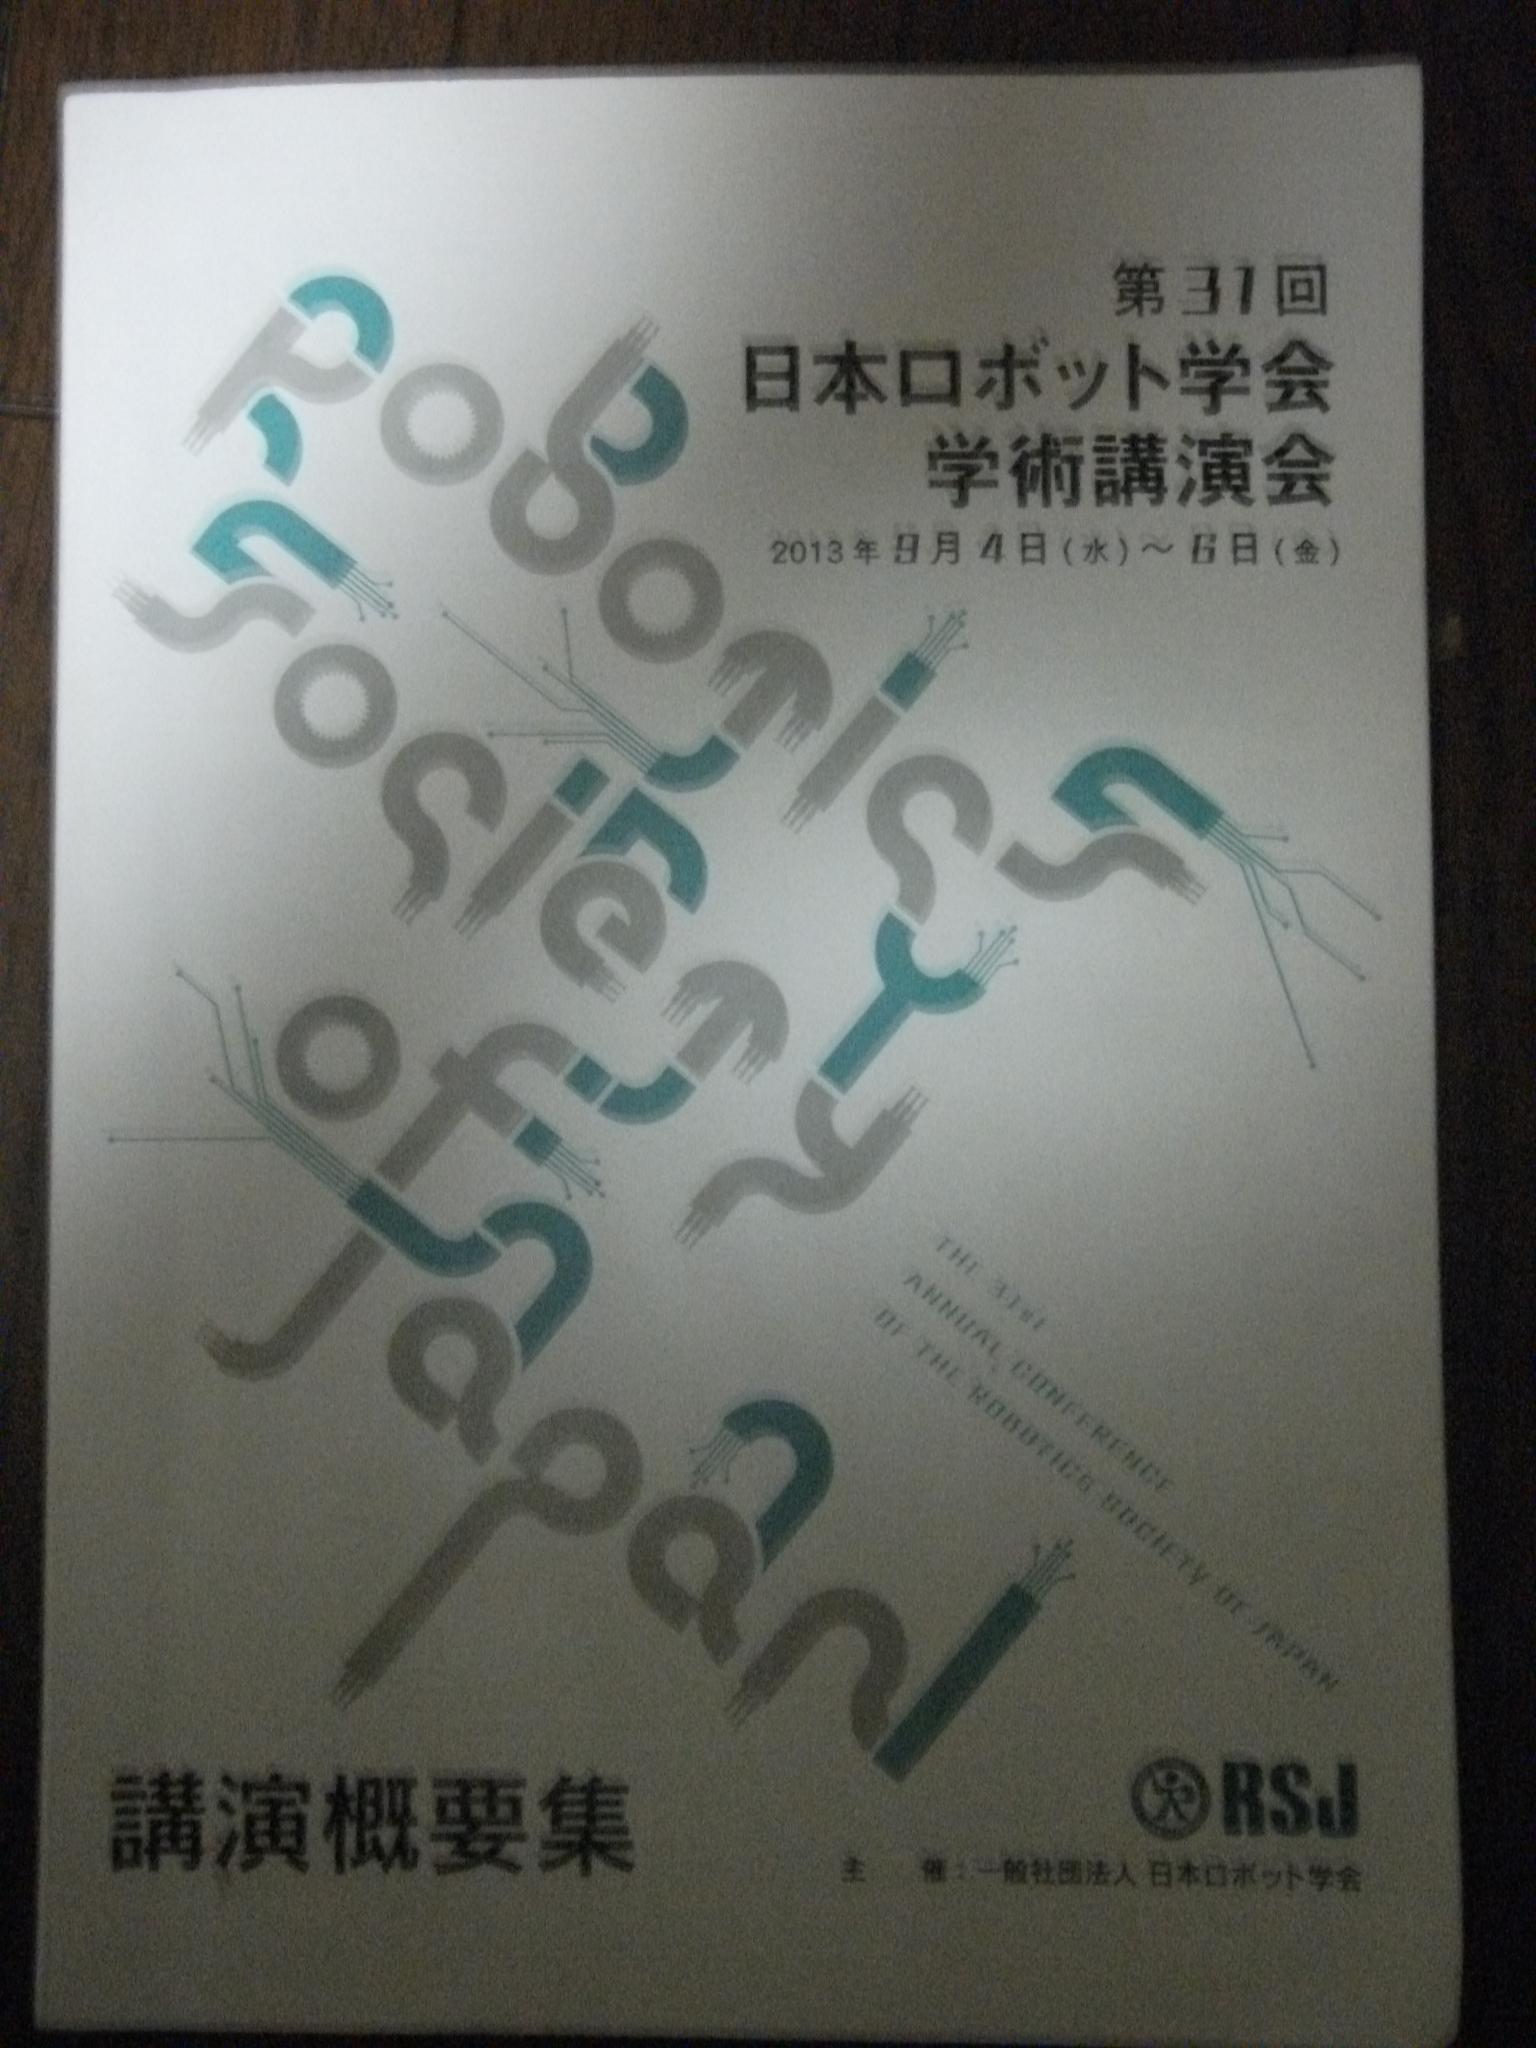 DSCF2816.jpg